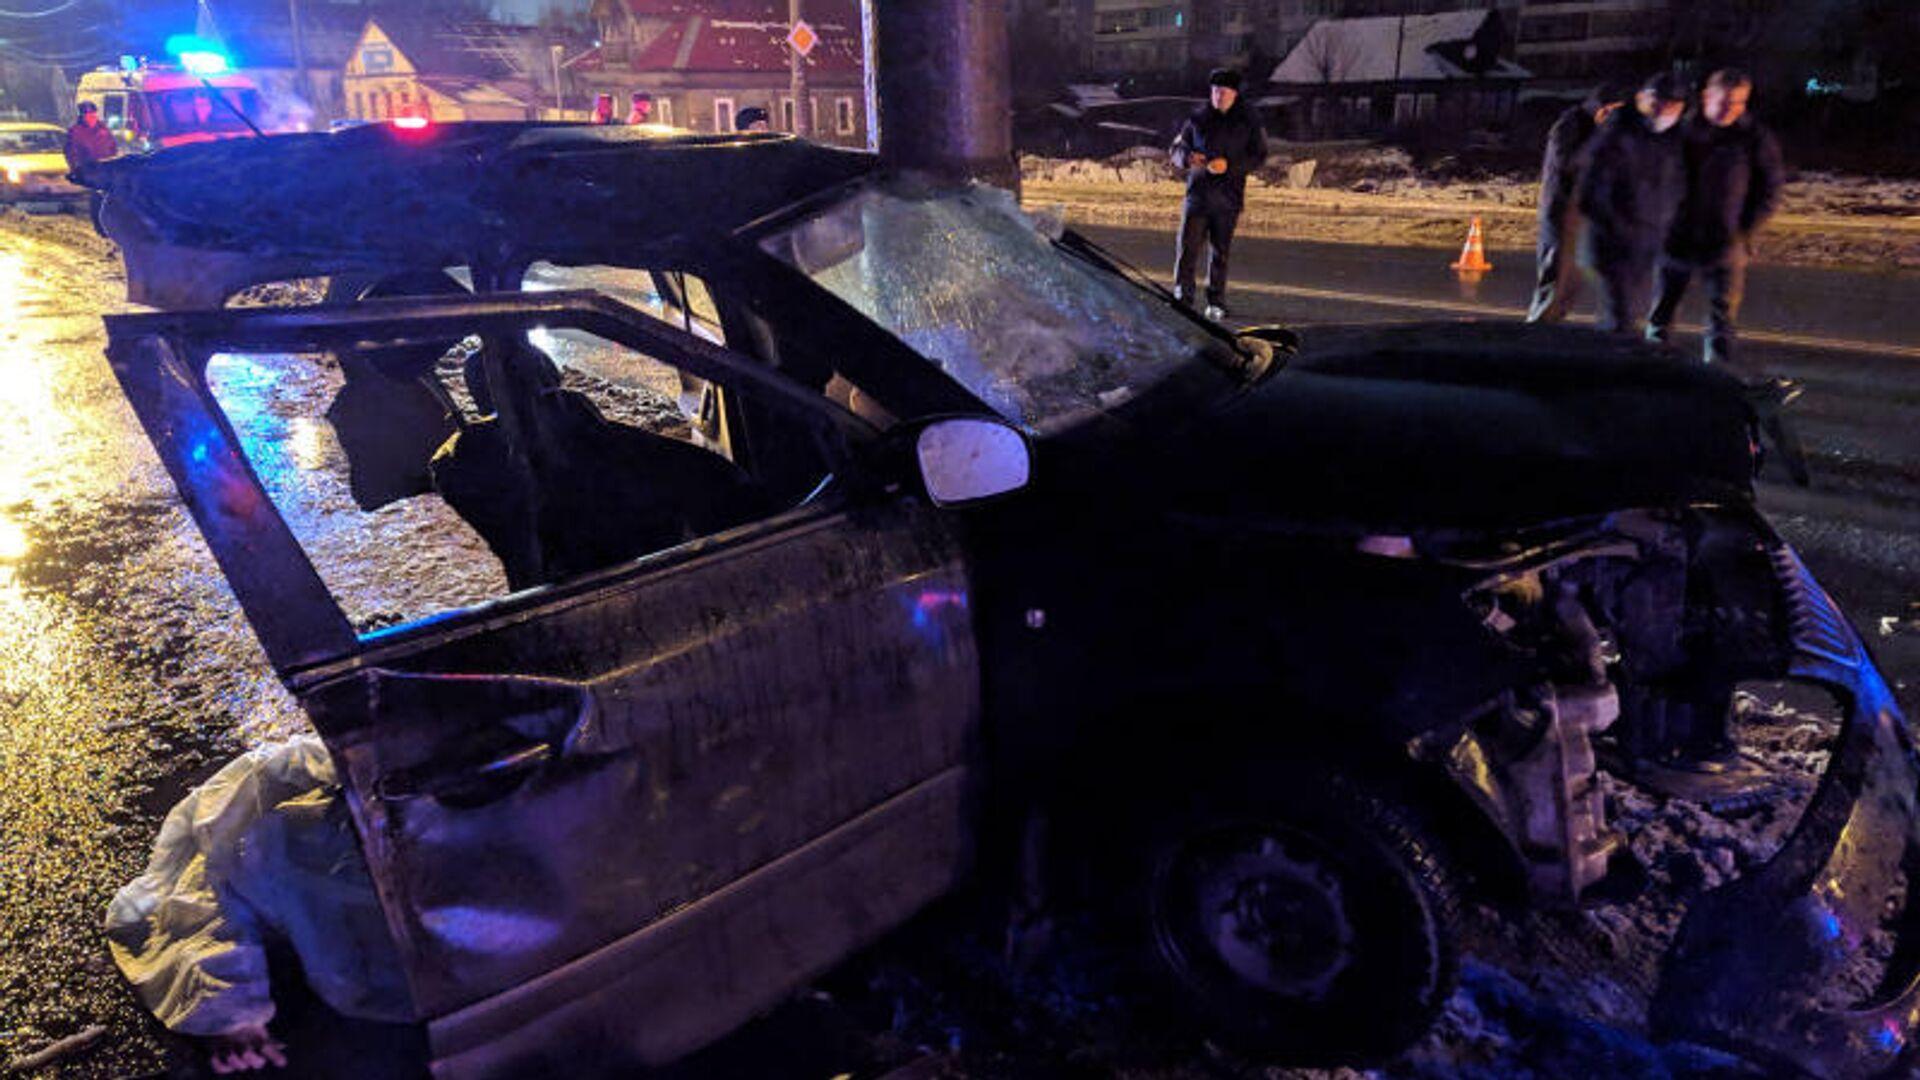 В Архангельске пьяный водитель врезался в столб, погибли три человека